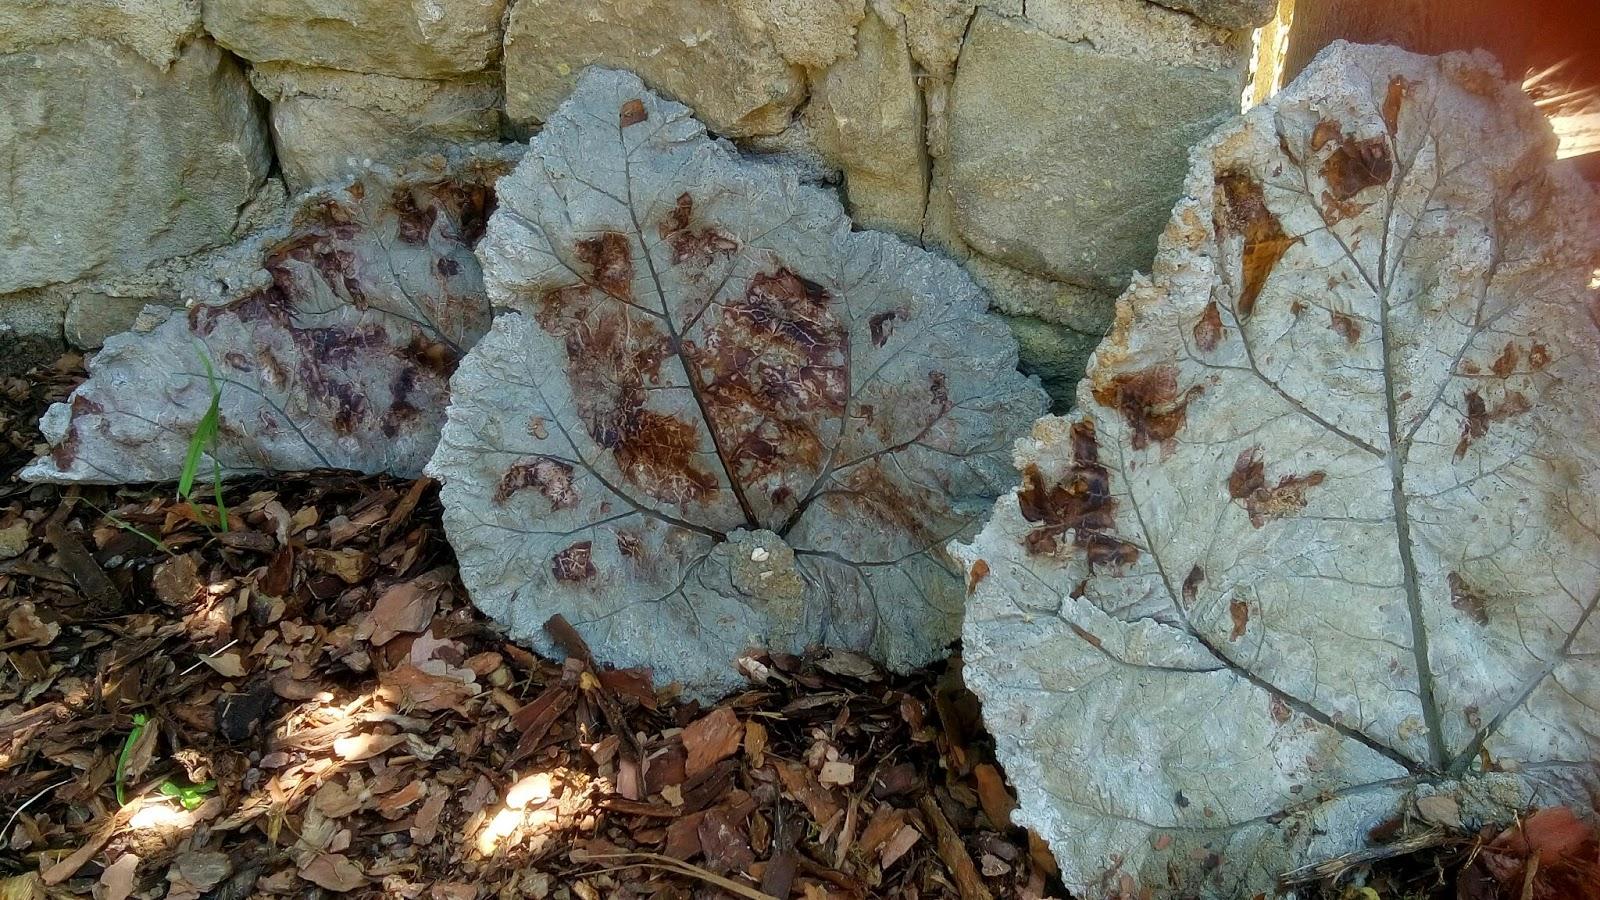 Kreativrebell gartendekoration bl tter aus beton - Gartendekoration aus beton ...